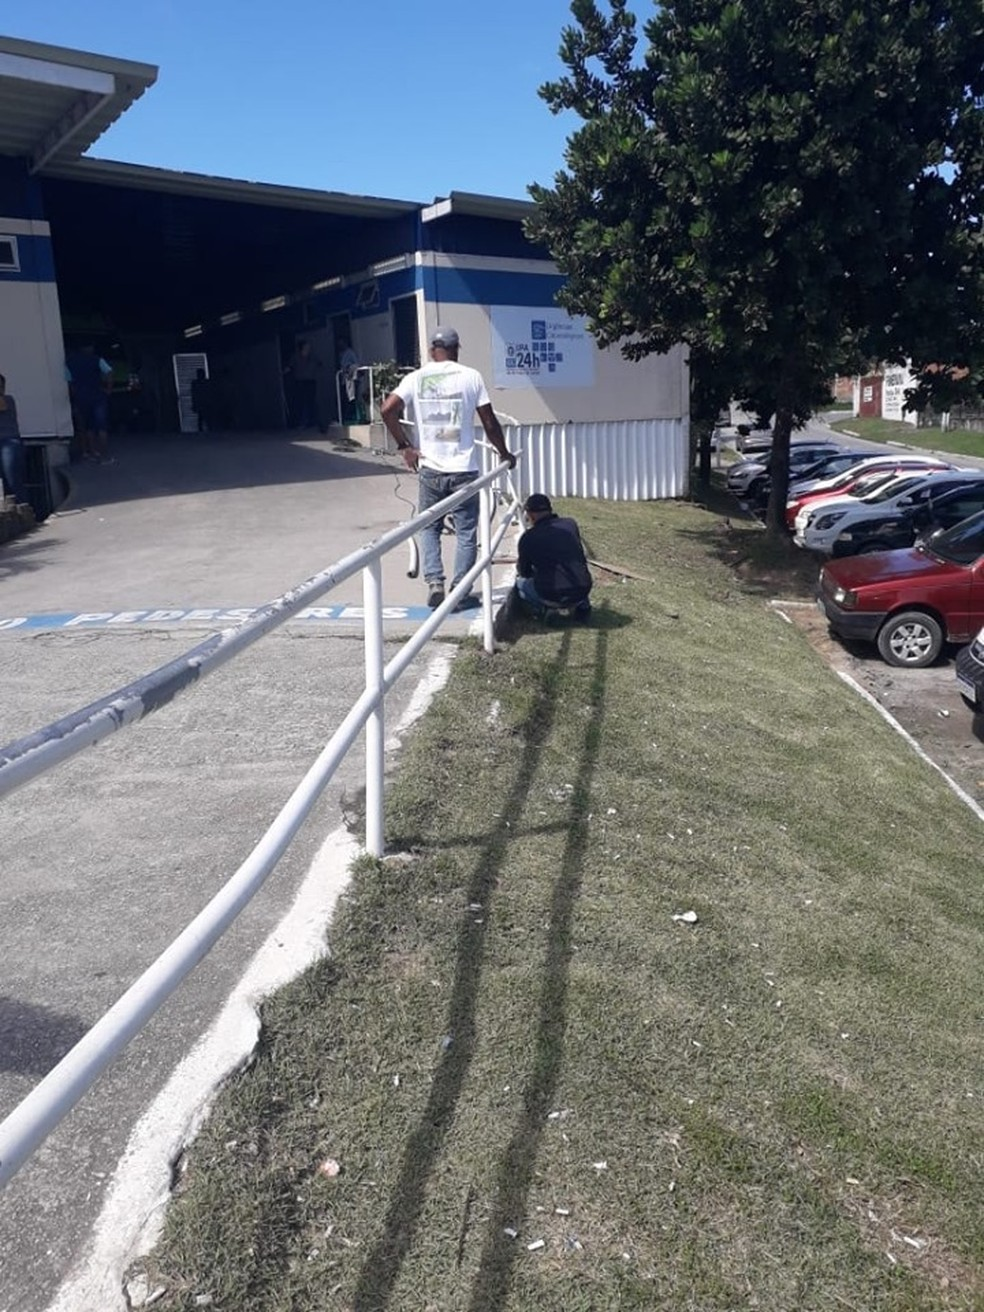 Equipe foi chamada para fazer o conserto da estrutura atingida por ambulância — Foto: Divulgação/Diário de Araruama